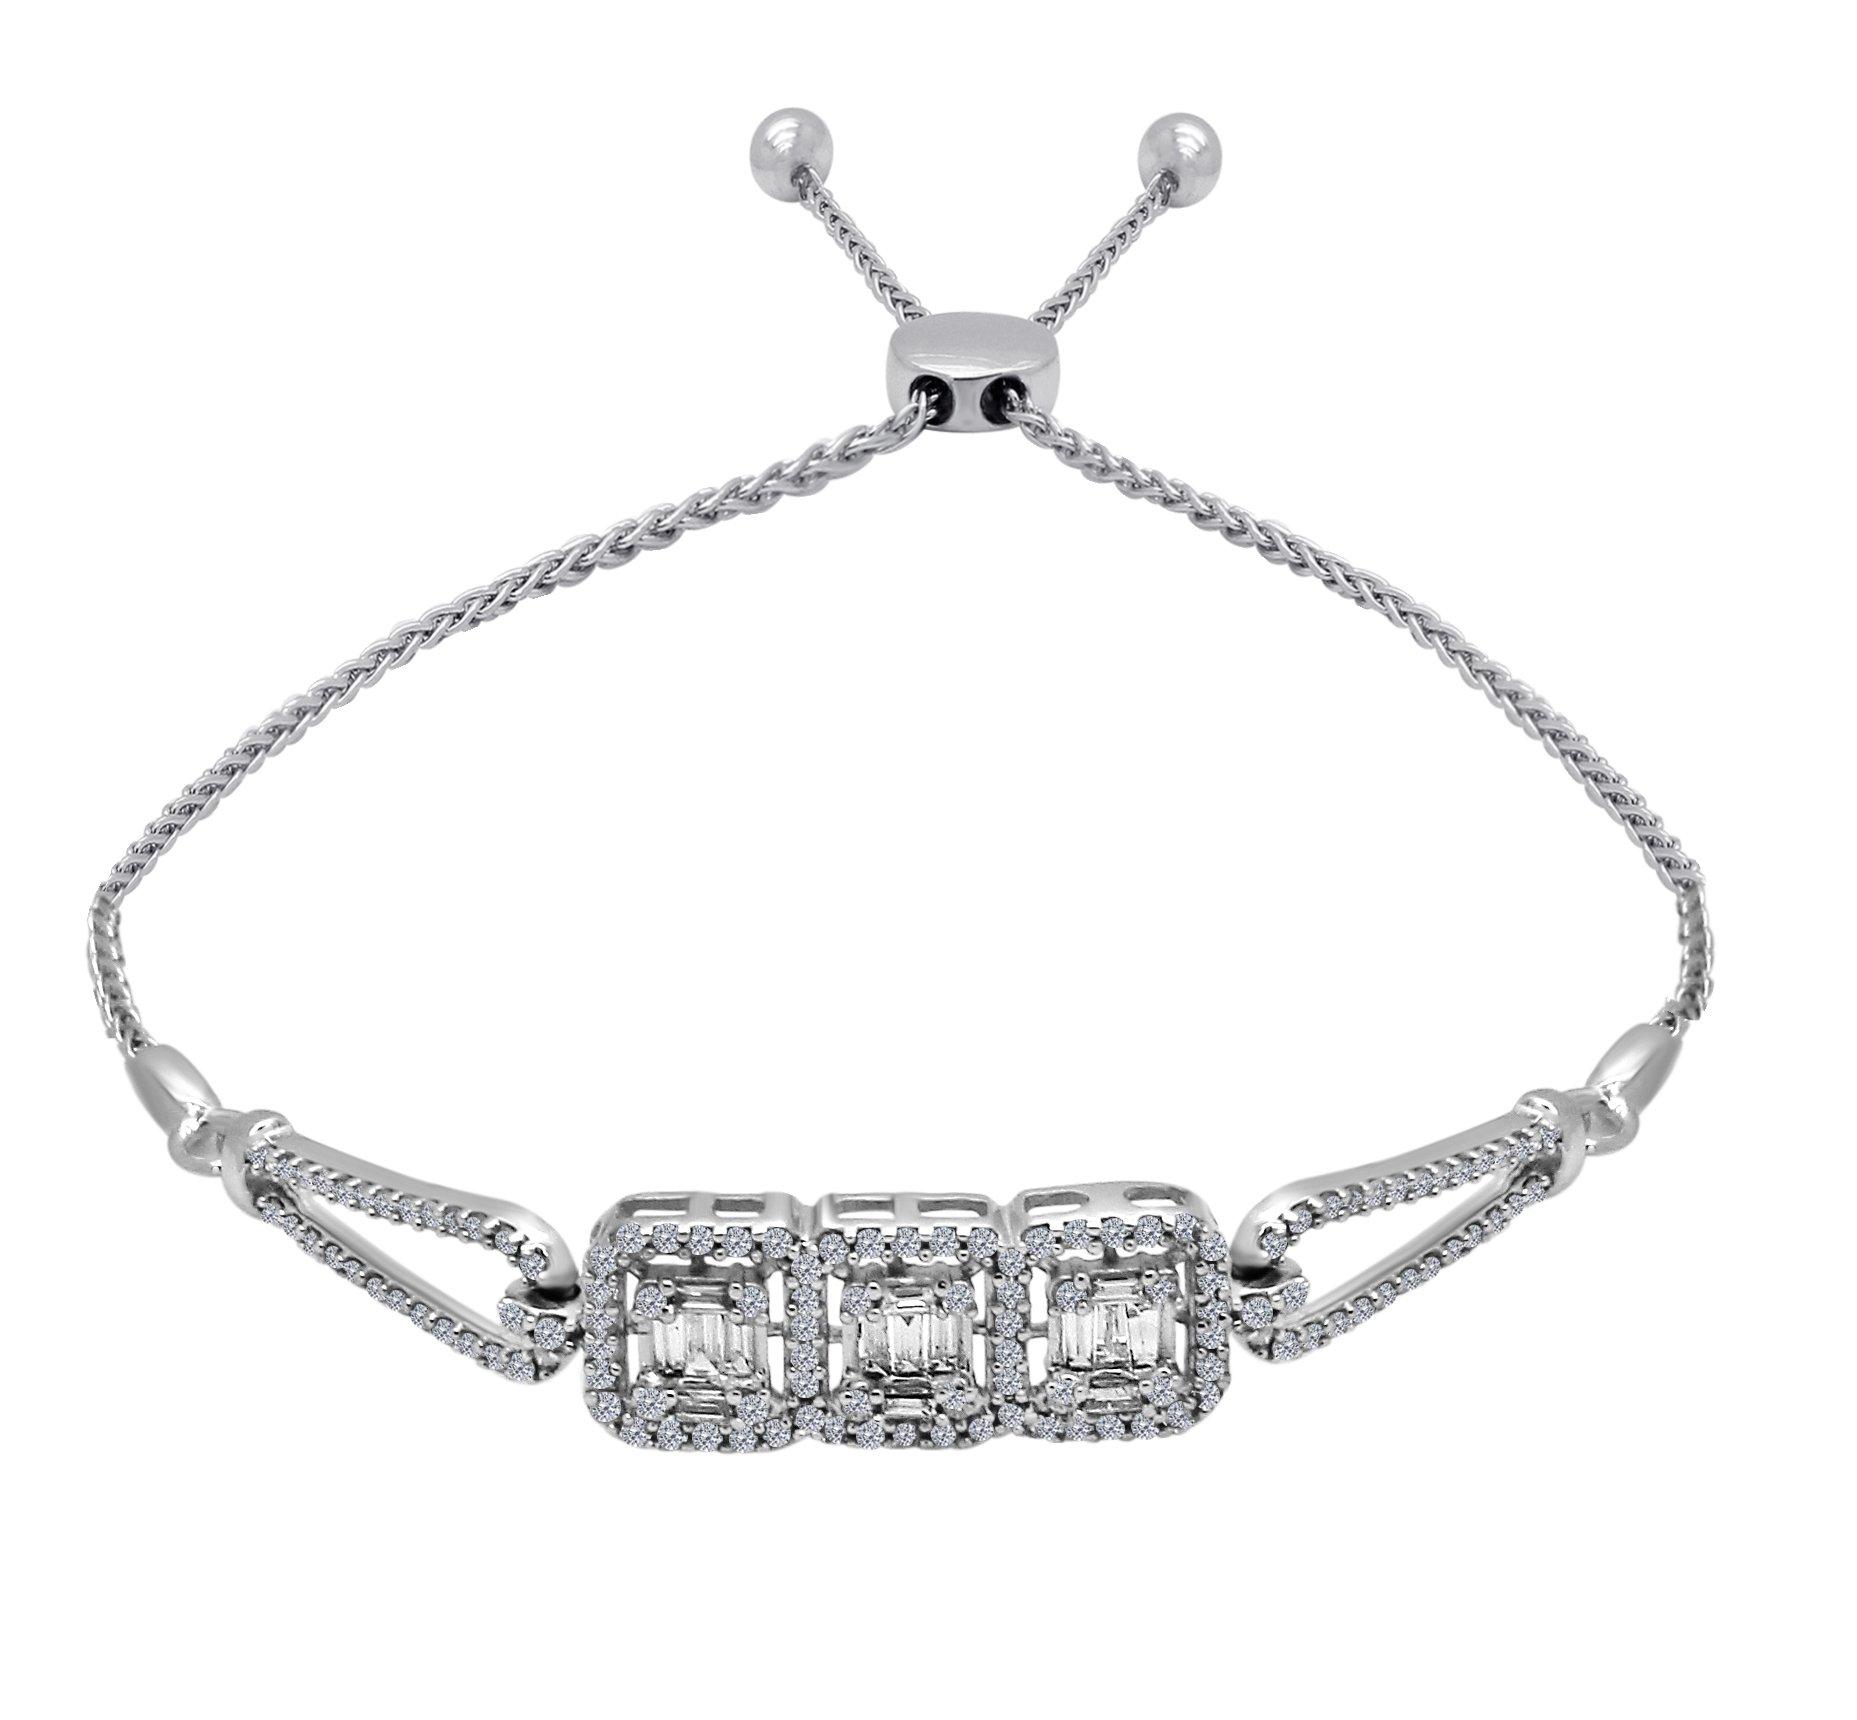 OMEGA JEWELLERY 14K White Gold Round & Baguette Diamond Cluster Bolo Bracelet for Women (0.79 Ct)